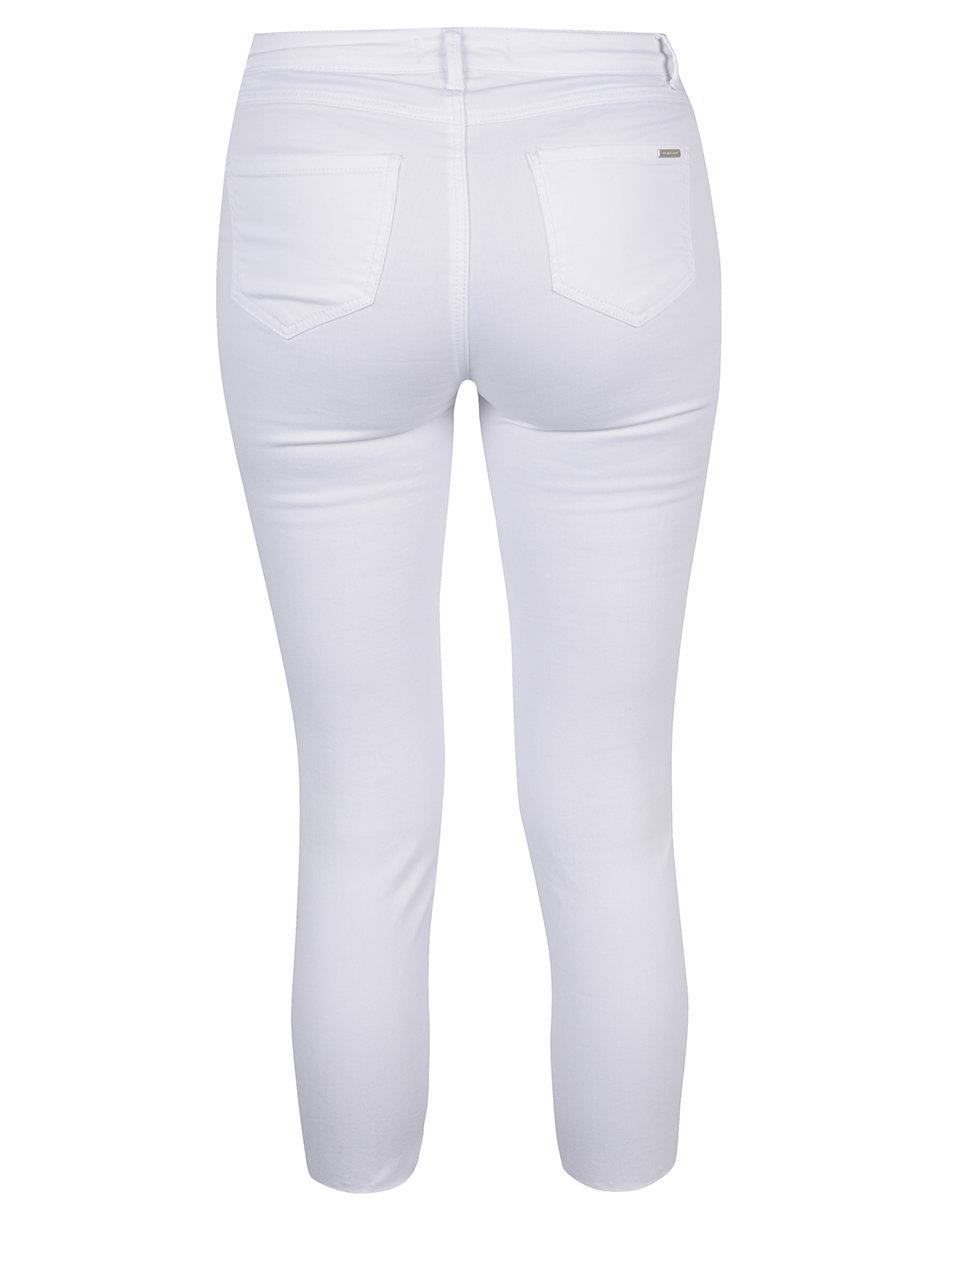 ef3f8d58bc5 Bílé zkrácené skinny džíny s potrhaným efektem TALLY WEiJL ...